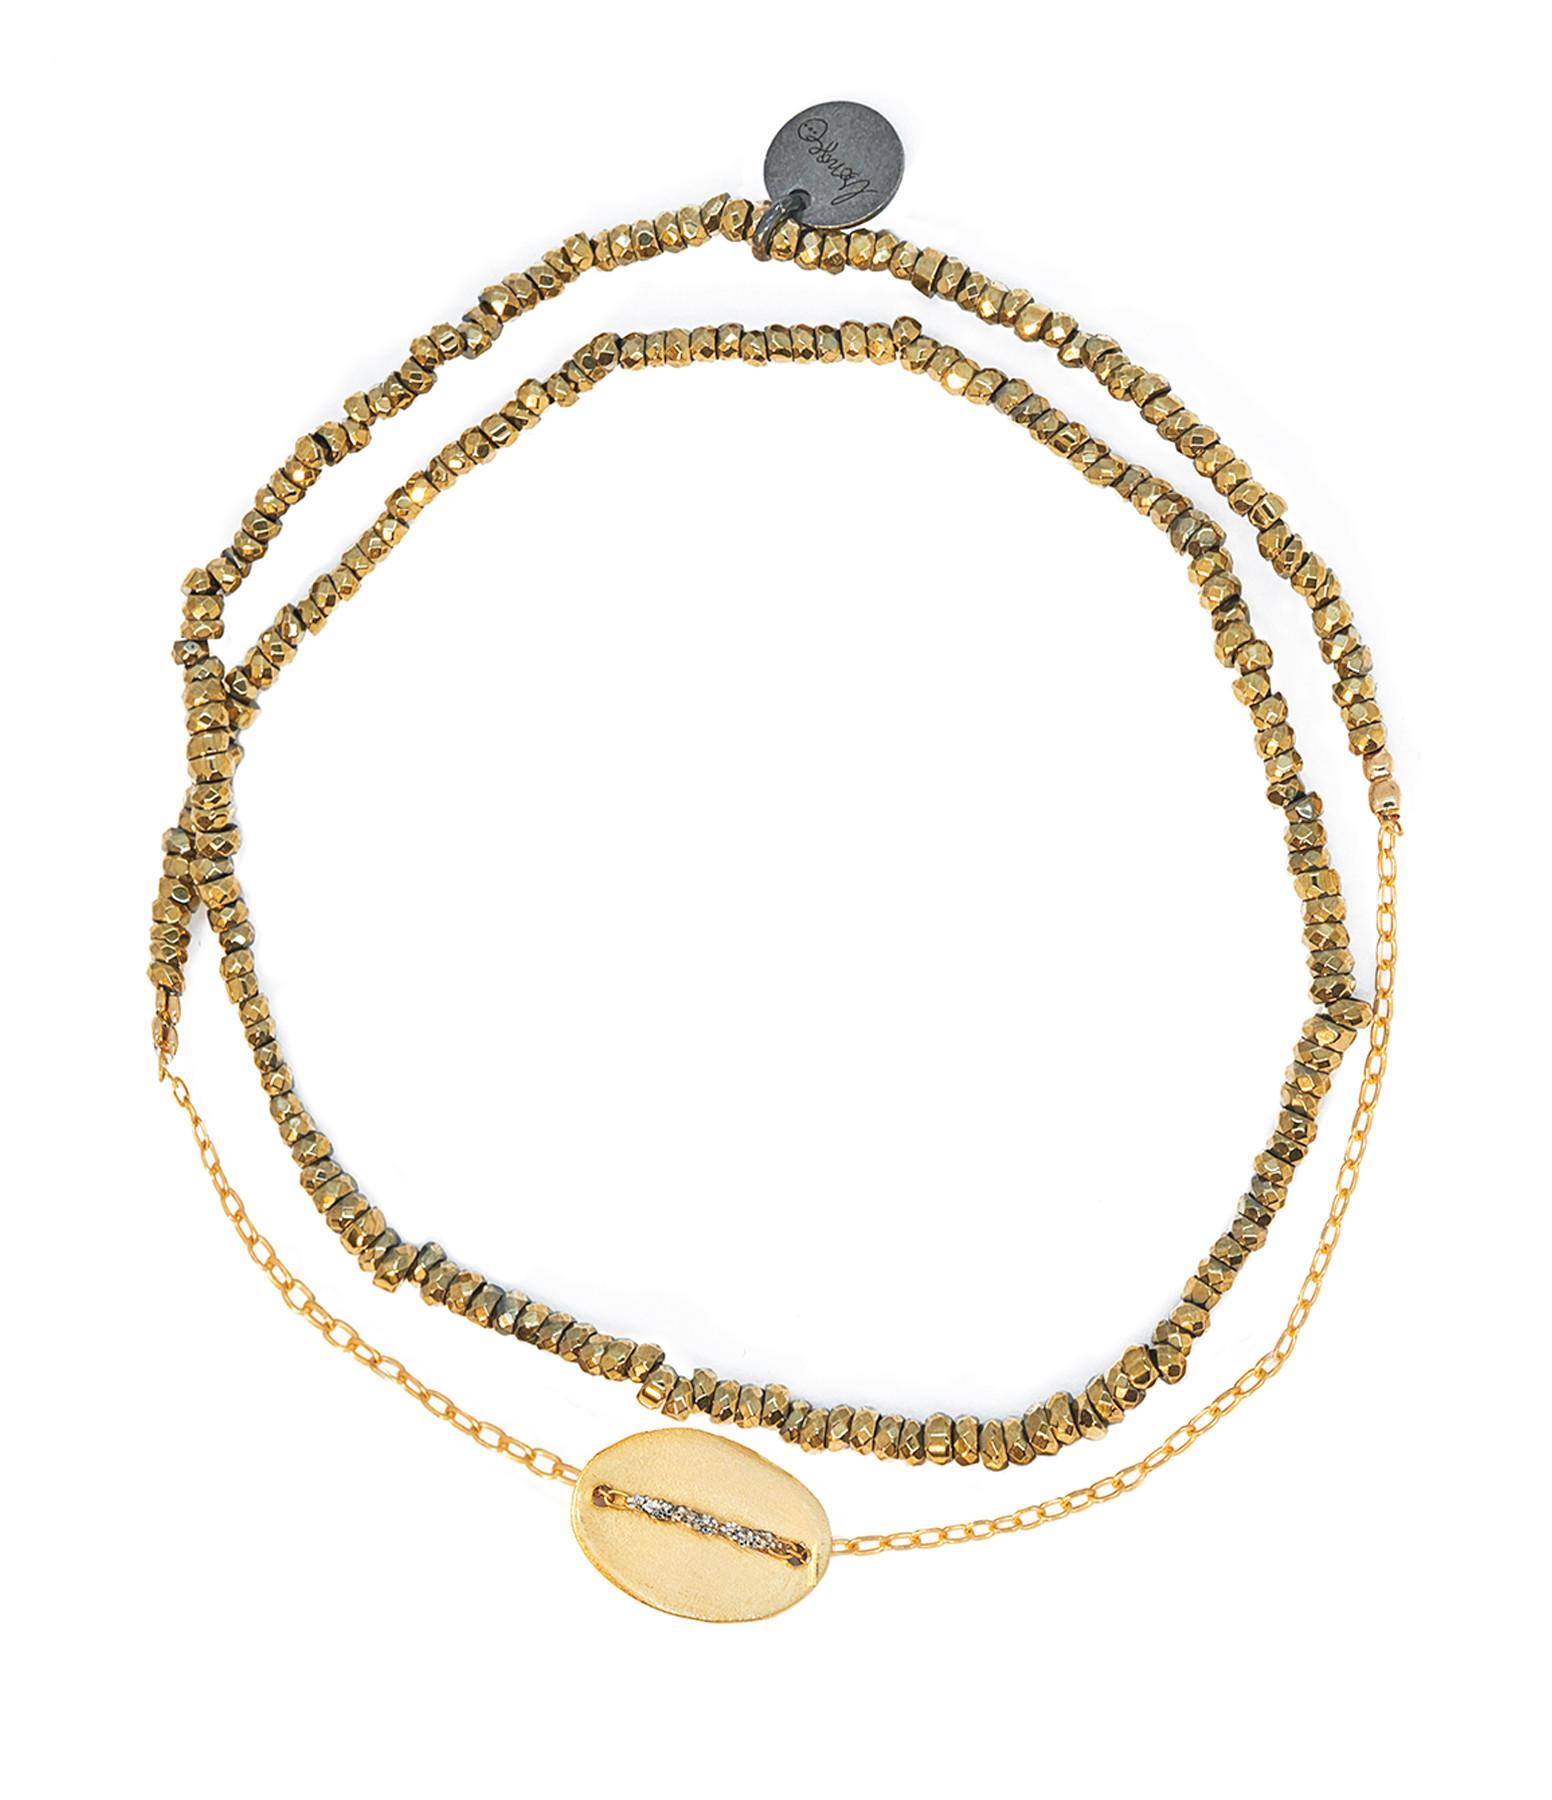 LSONGE - Bracelet Double Graphik Stone Médaille Argent Doré Kaki